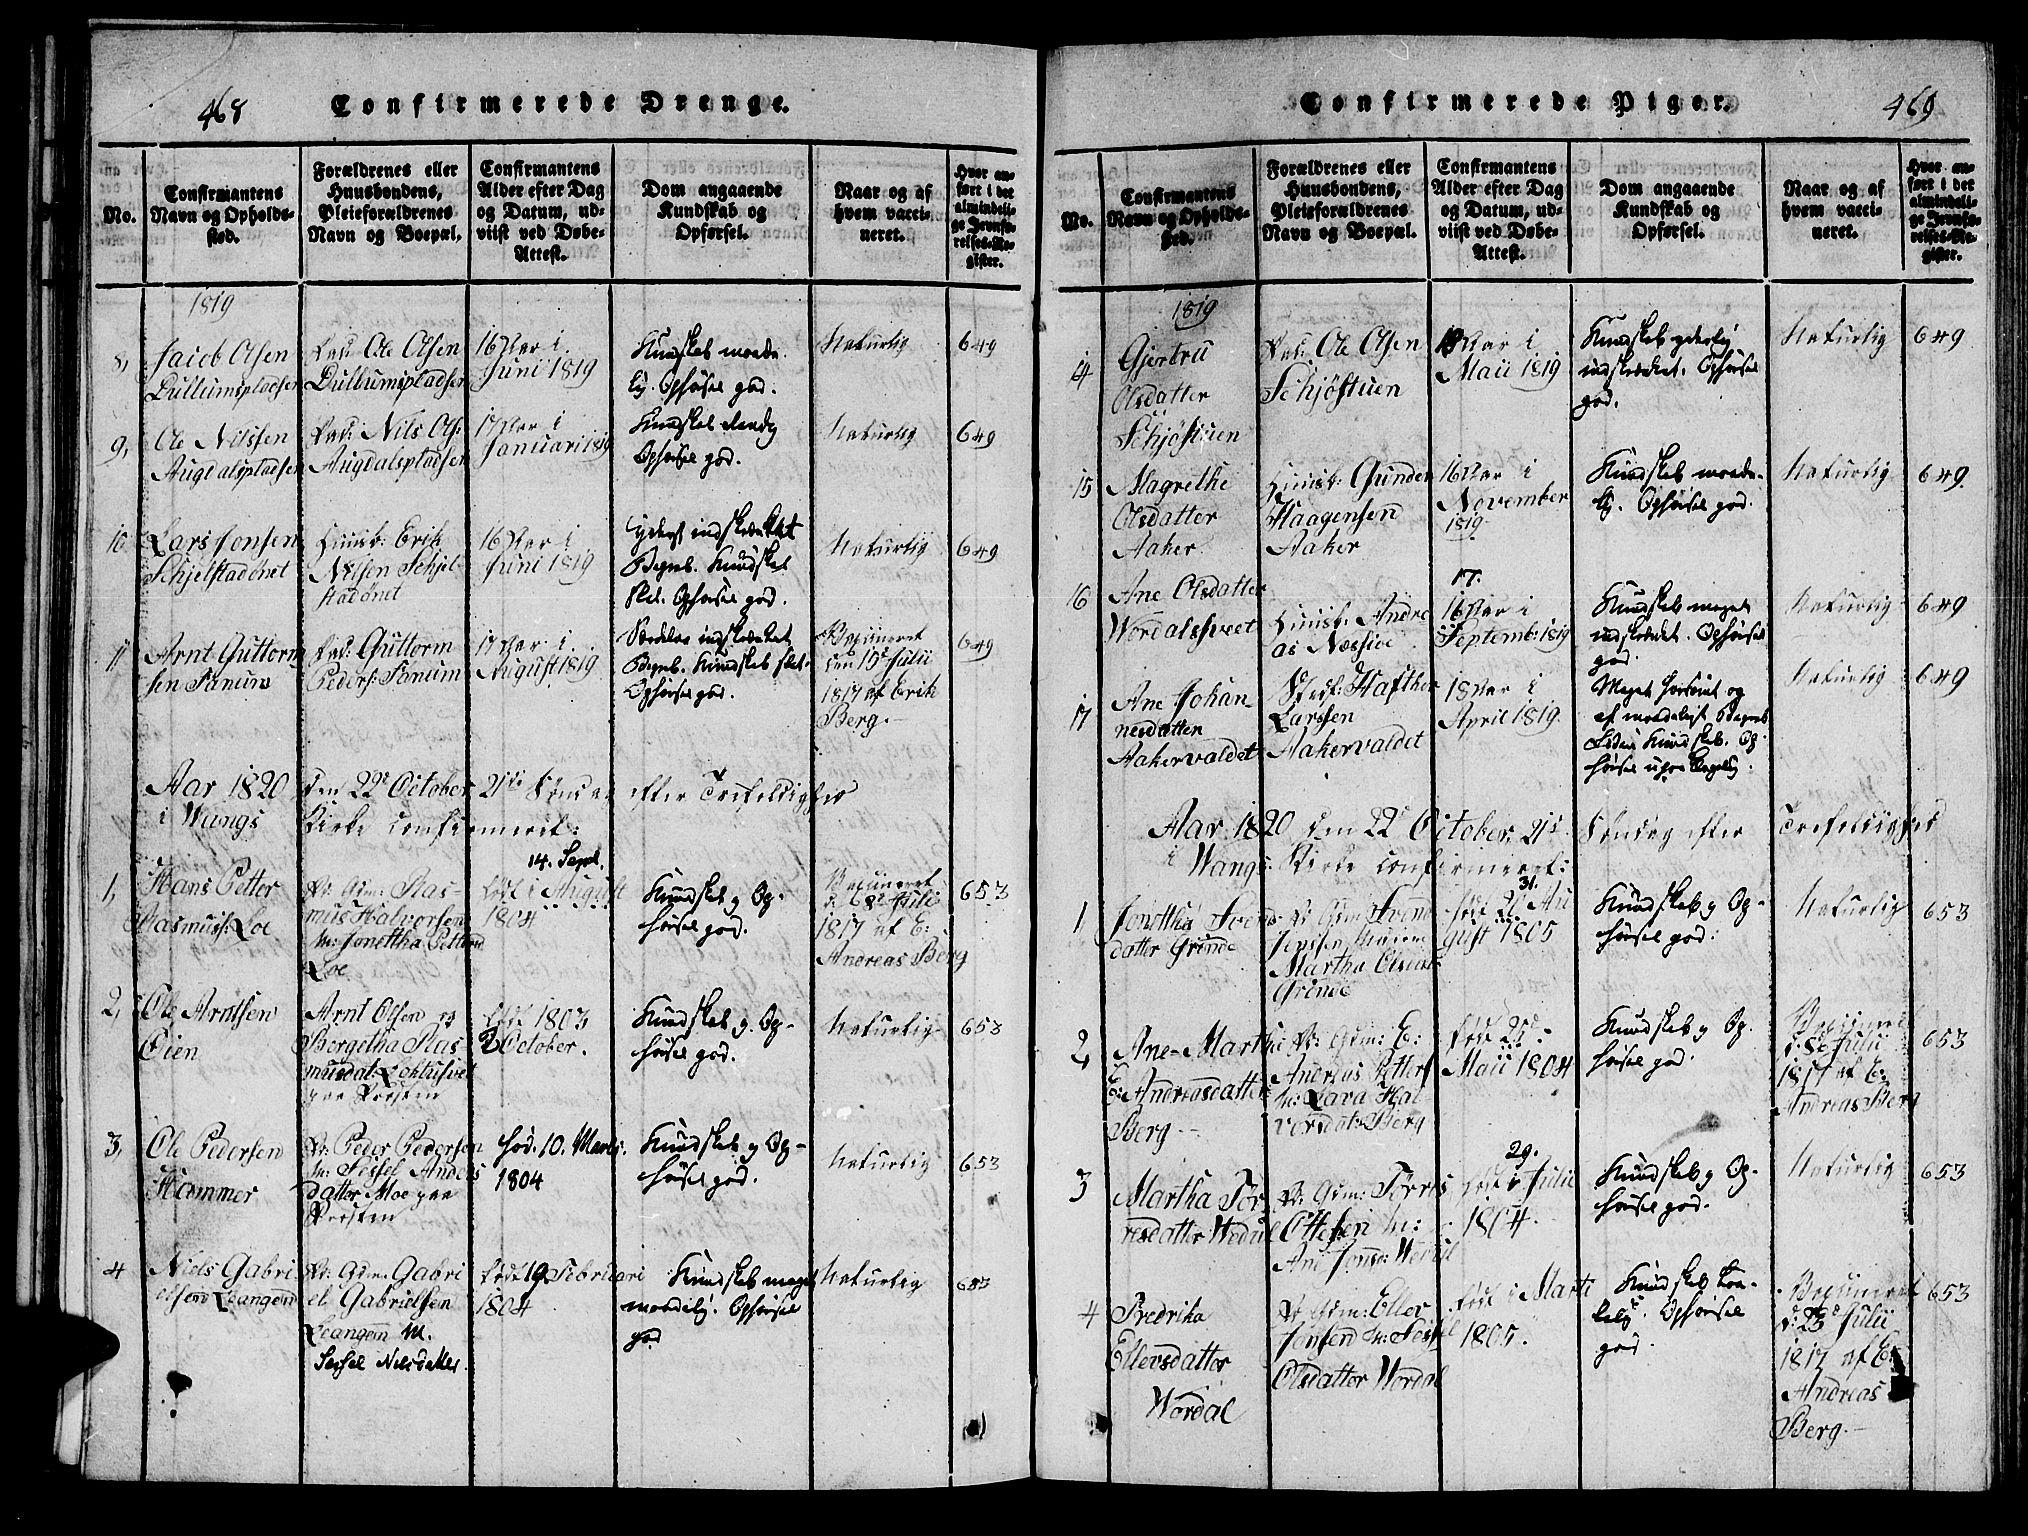 SAT, Ministerialprotokoller, klokkerbøker og fødselsregistre - Nord-Trøndelag, 714/L0132: Klokkerbok nr. 714C01, 1817-1824, s. 468-469